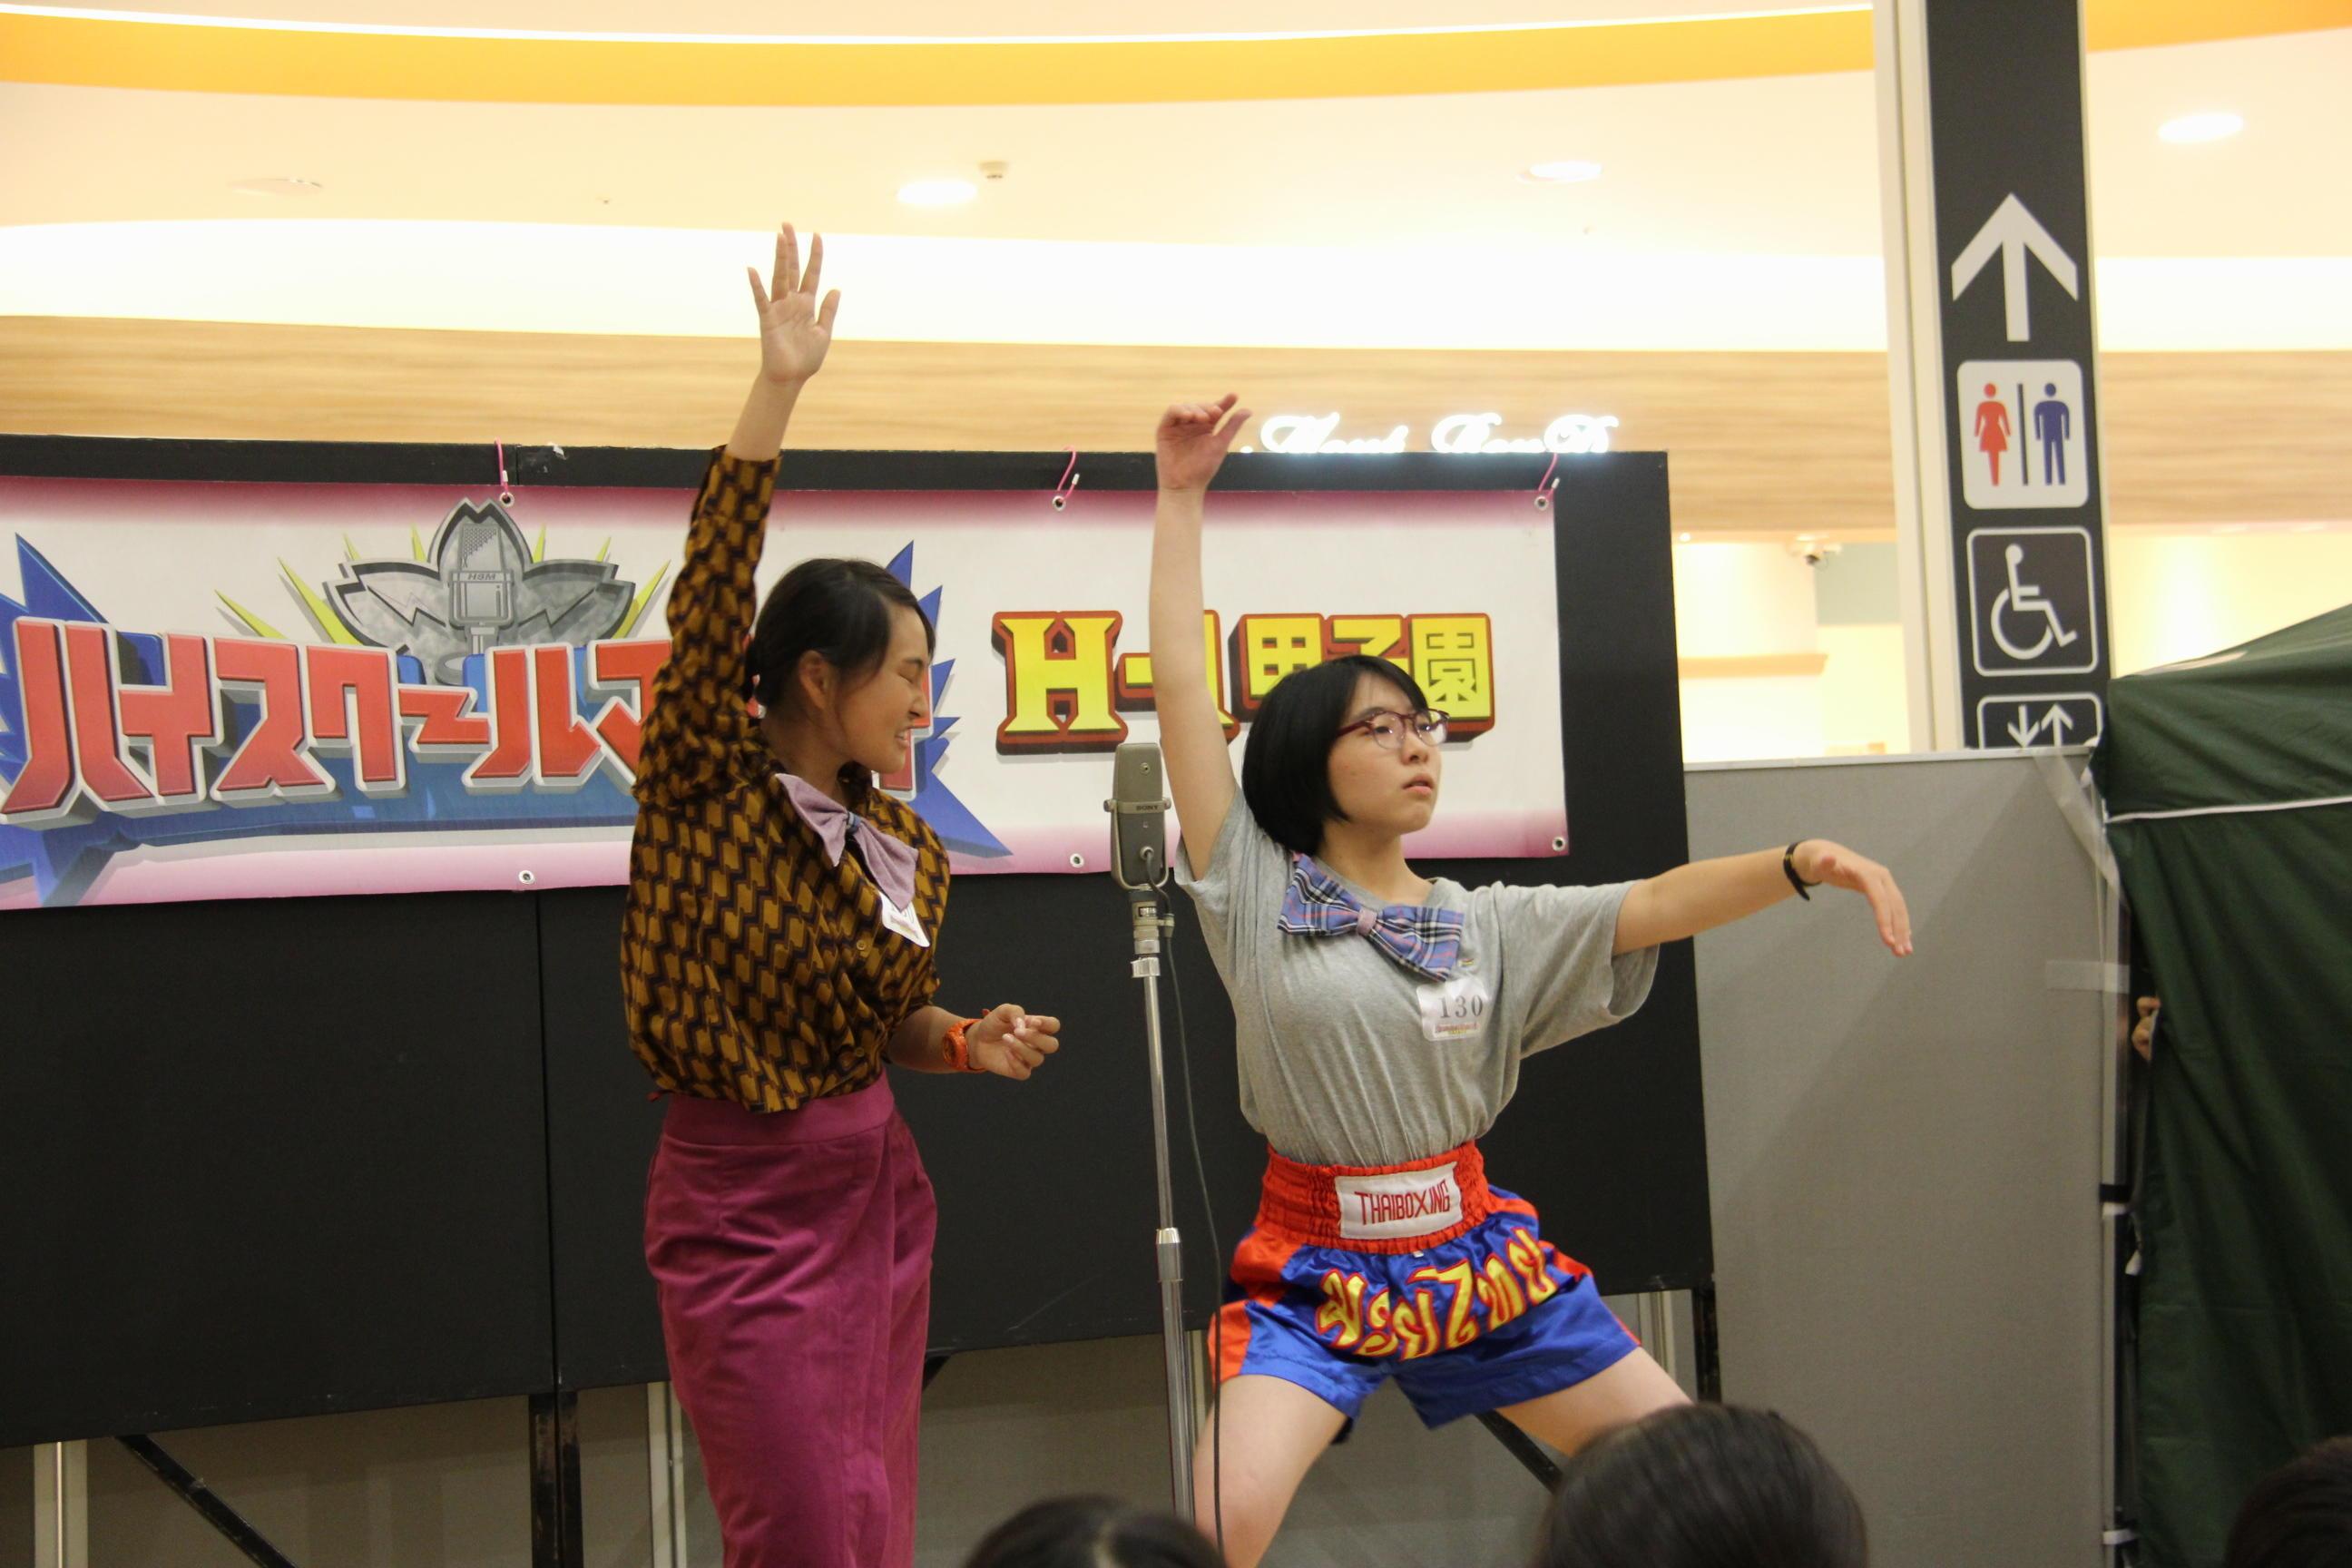 http://news.yoshimoto.co.jp/20180813130736-b627ff5ac9597222515b87de21dfc34d89db5aa0.jpg